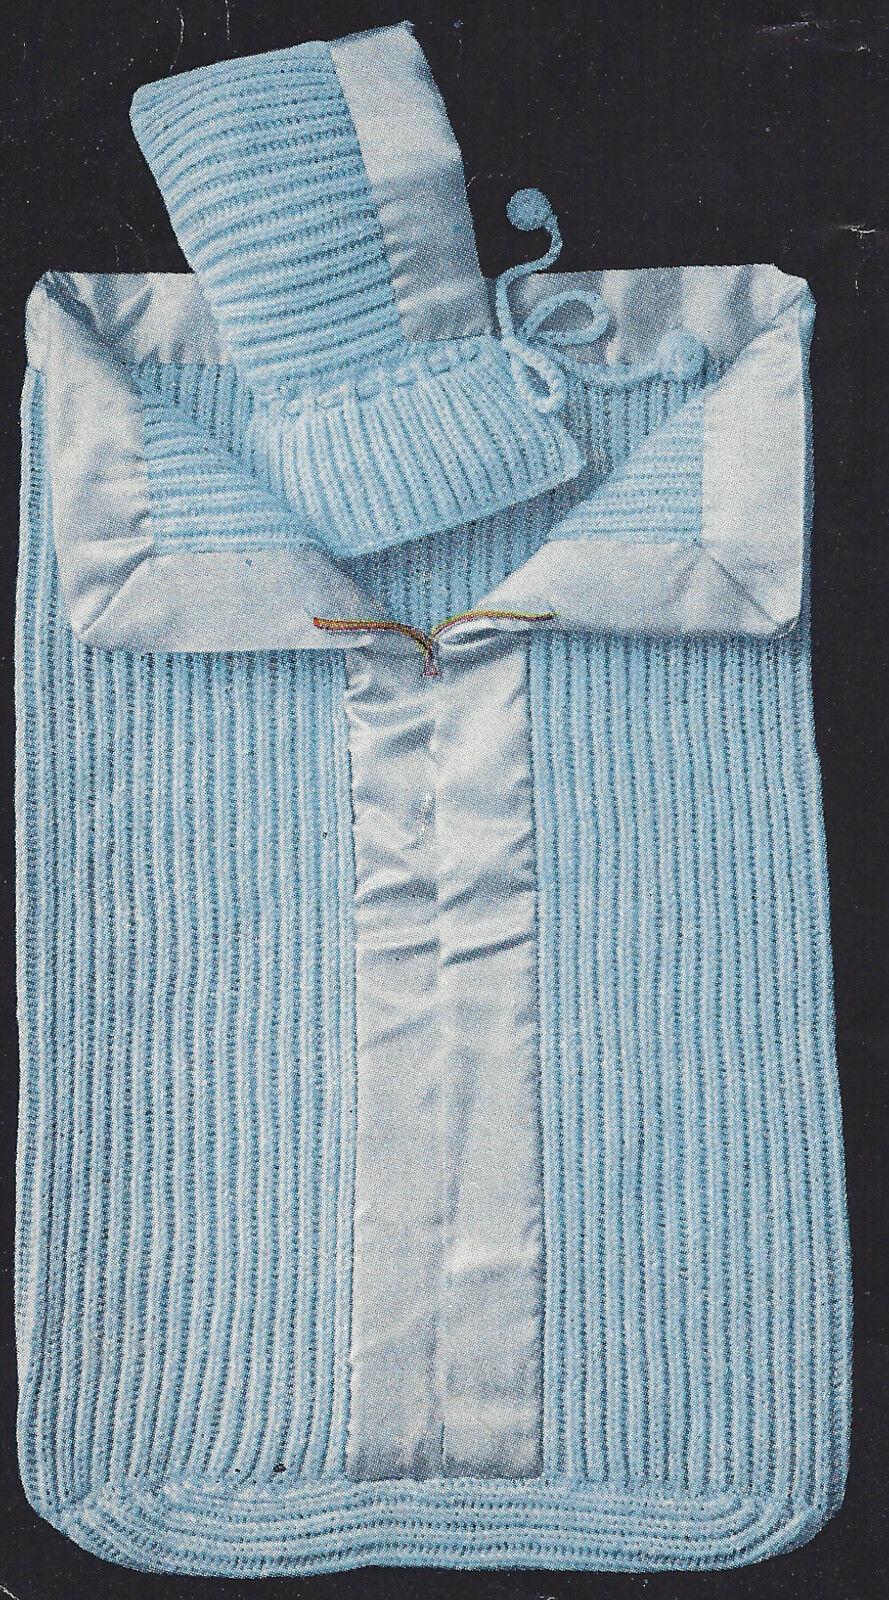 Vintage Knitting Pattern to Make Baby Sleeping Bag ZIPPER Bunting ...